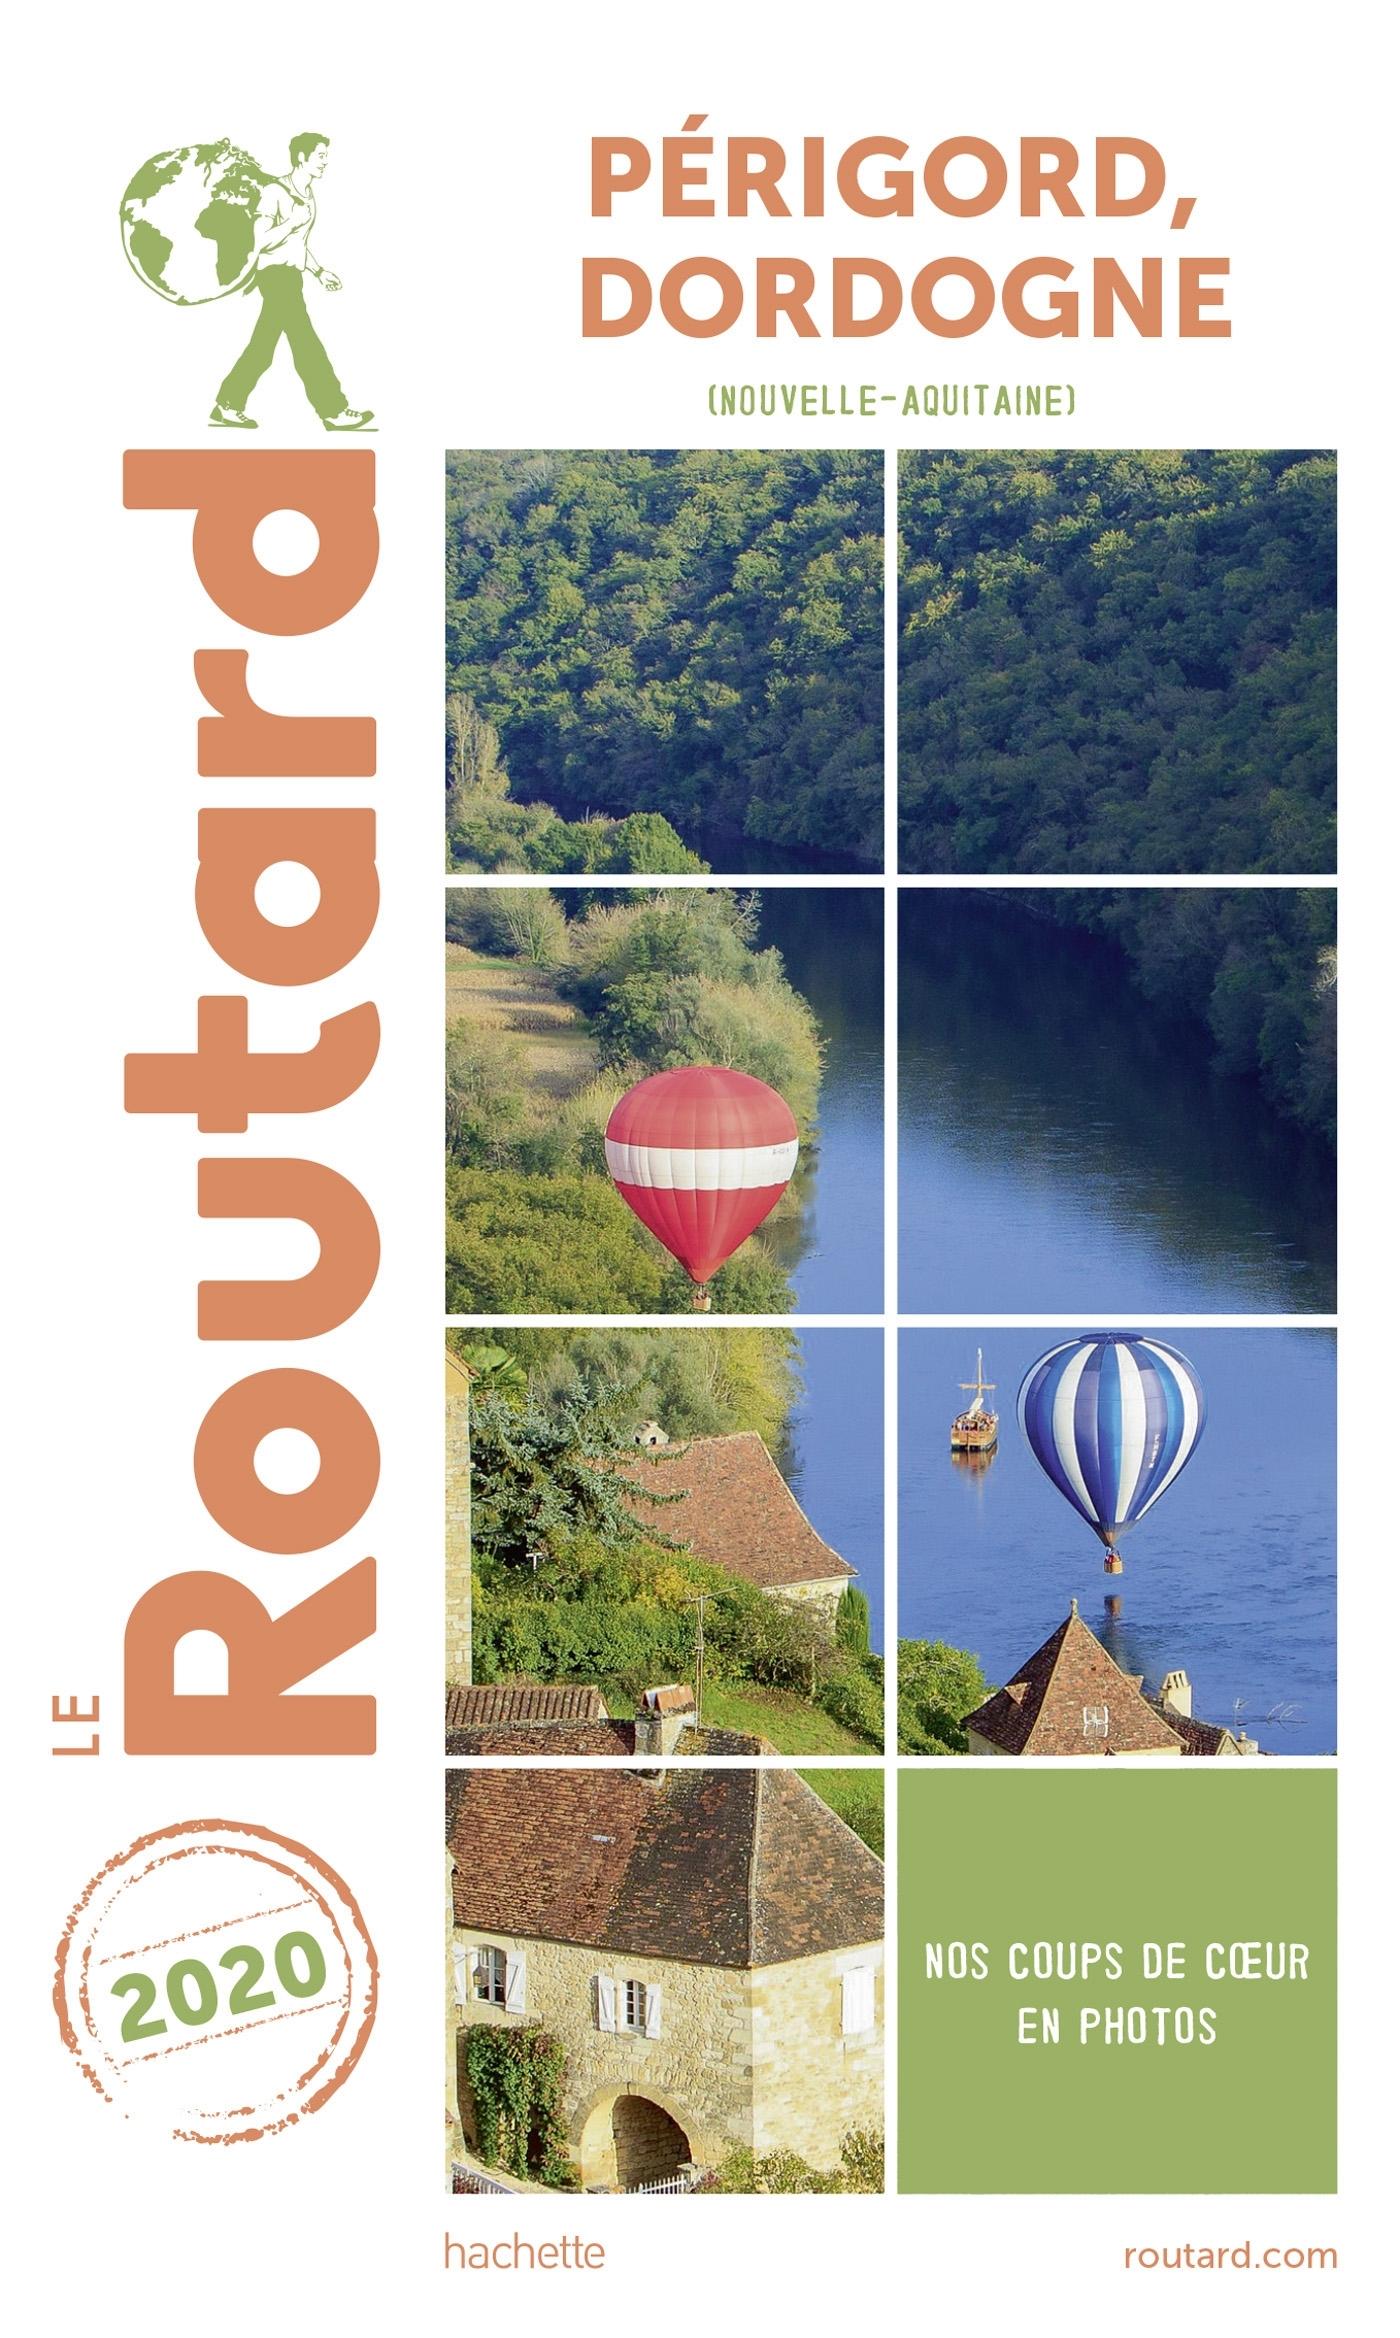 GUIDE DU ROUTARD PERIGORD, DORDOGNE 2020